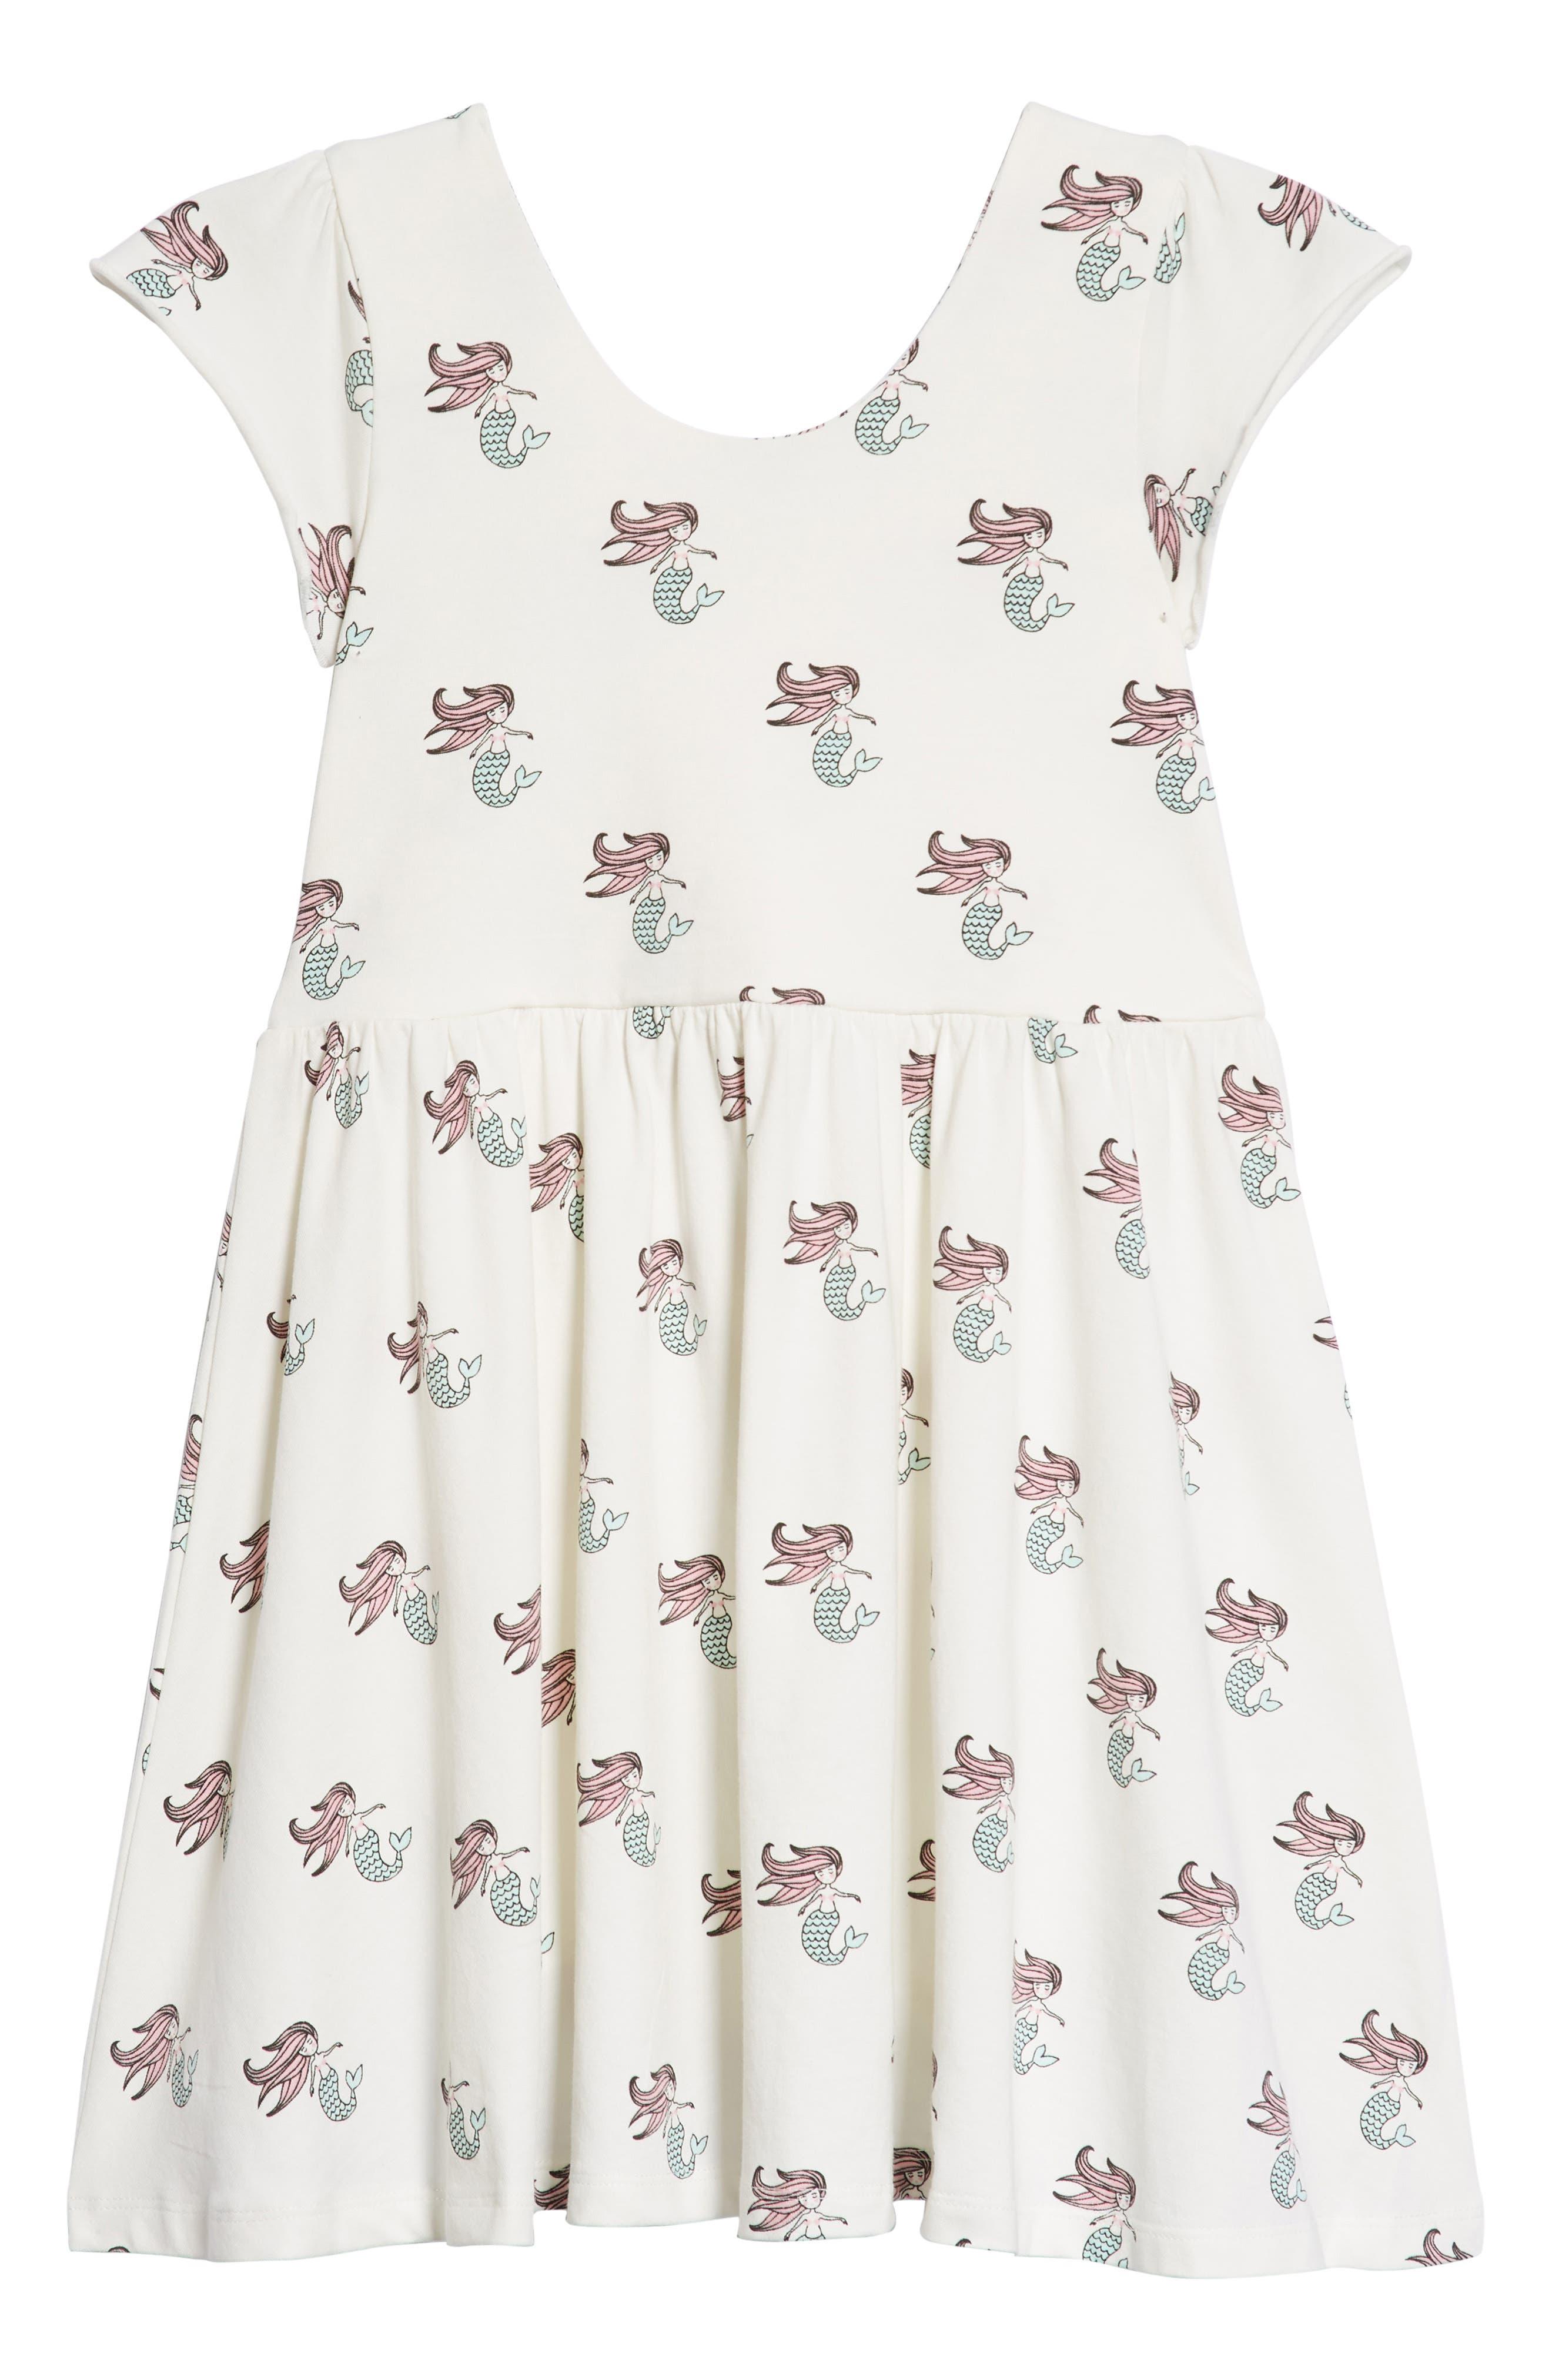 Let's Dance Mermaid Print Dress,                         Main,                         color, Ocean Tails